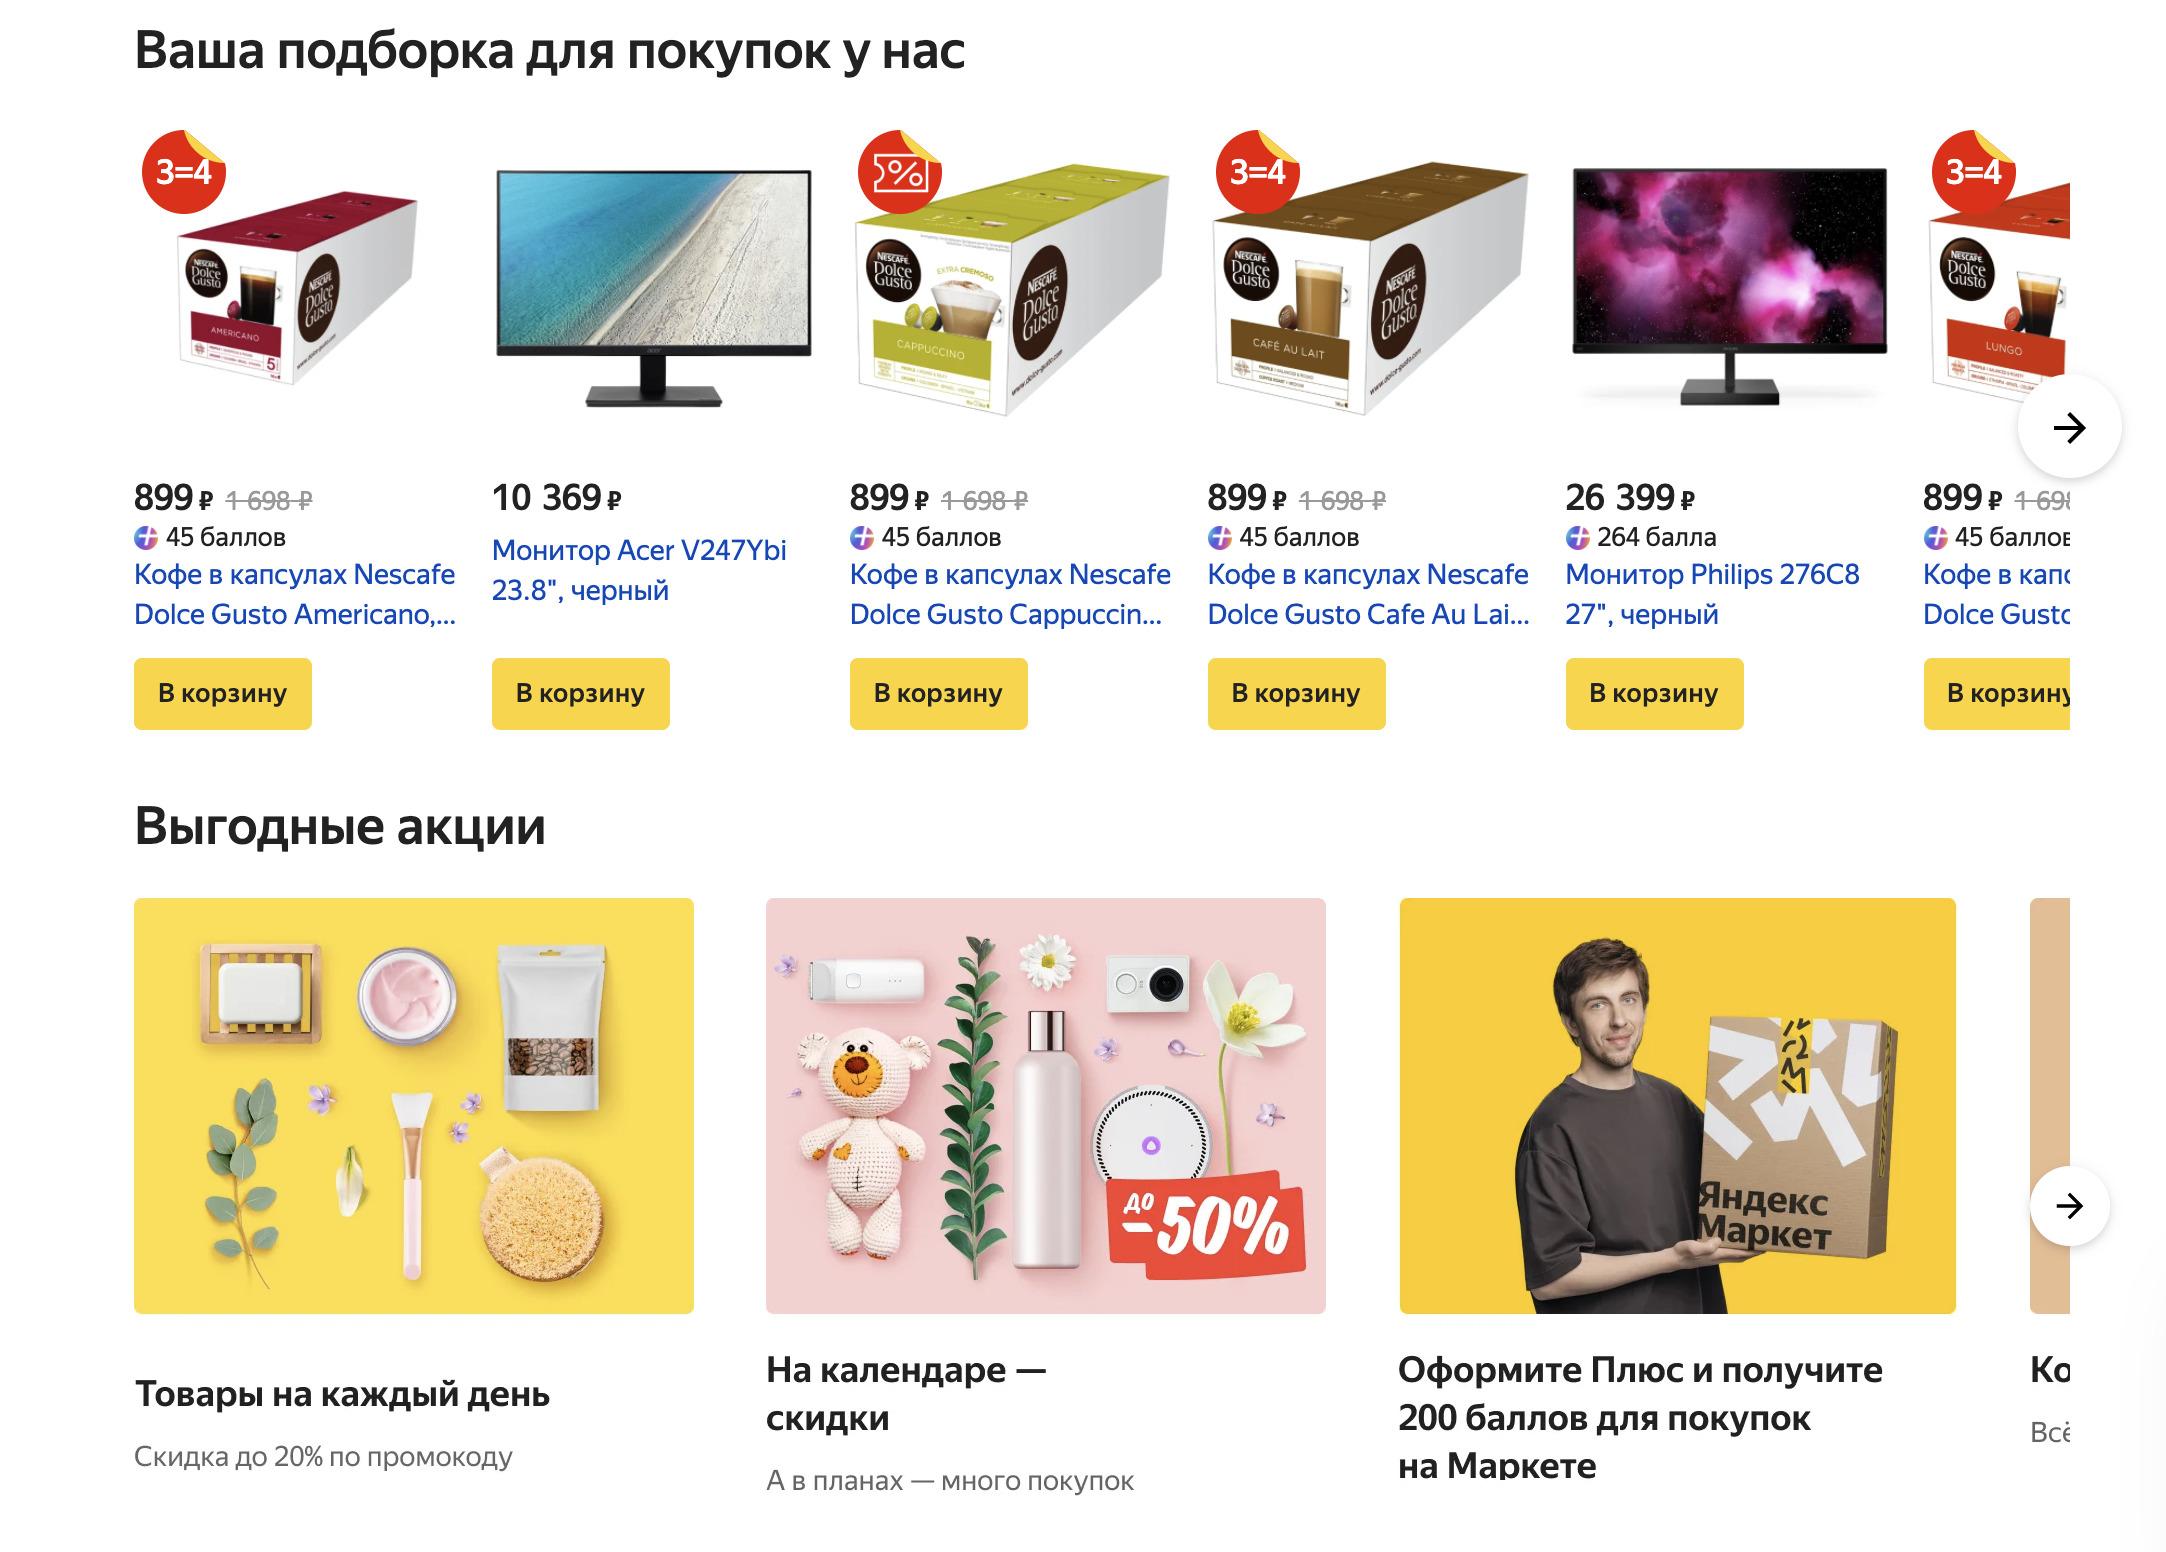 Доставка из Яндекс.Маркет в Курск, сроки, пункты выдачи, каталог